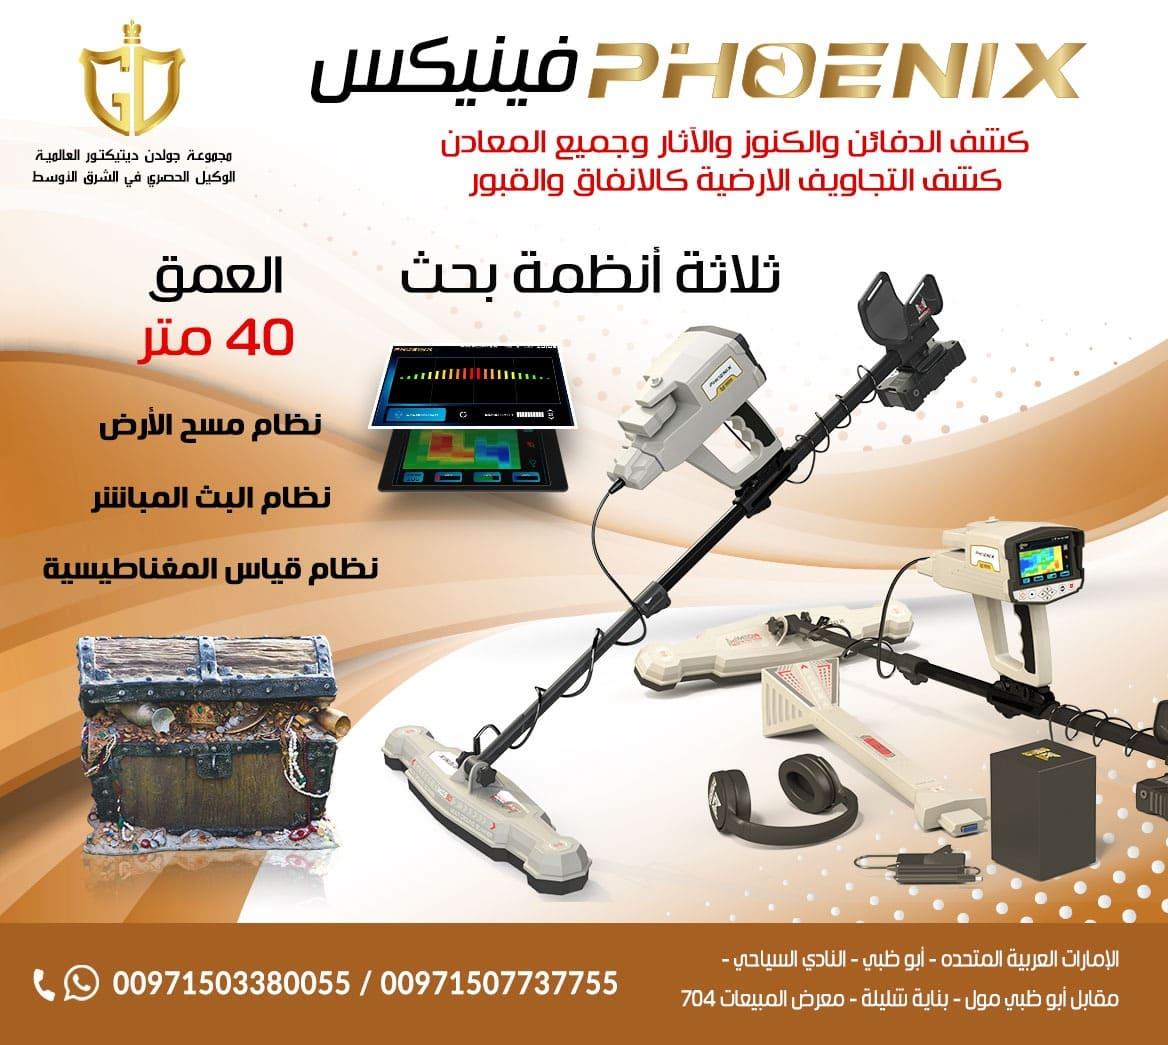 فينيكس Phoenix | جهاز كشف الذهب والمعادن 2021 P_1893c93oe1